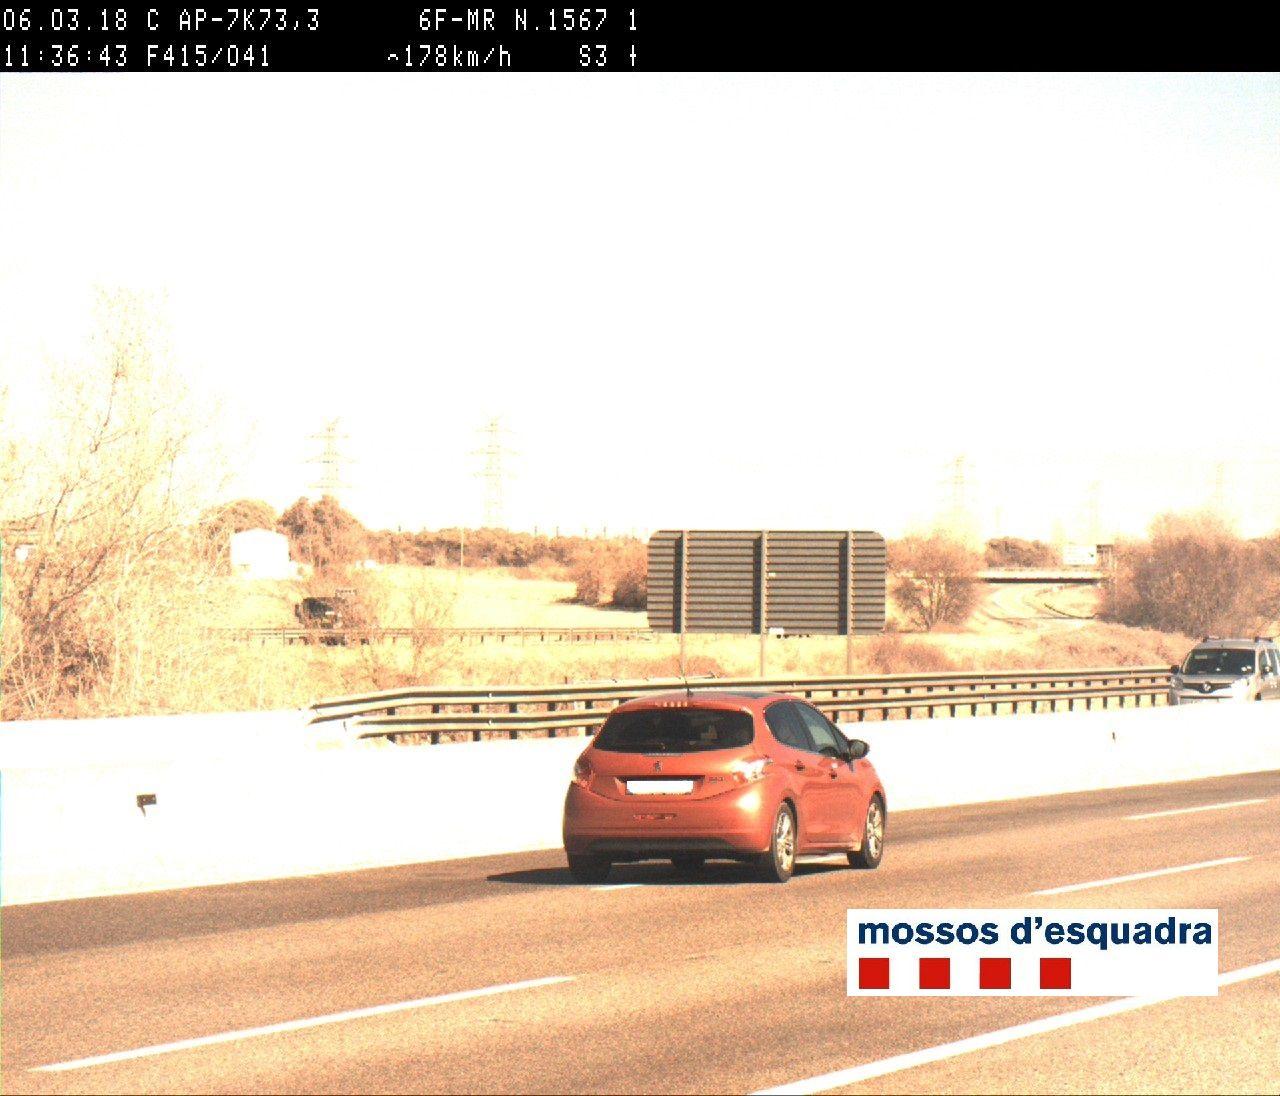 Detingut un conductor al Gironès que circulava temeràriament per l'AP-7 a 178 km/h i sense permís de conduir